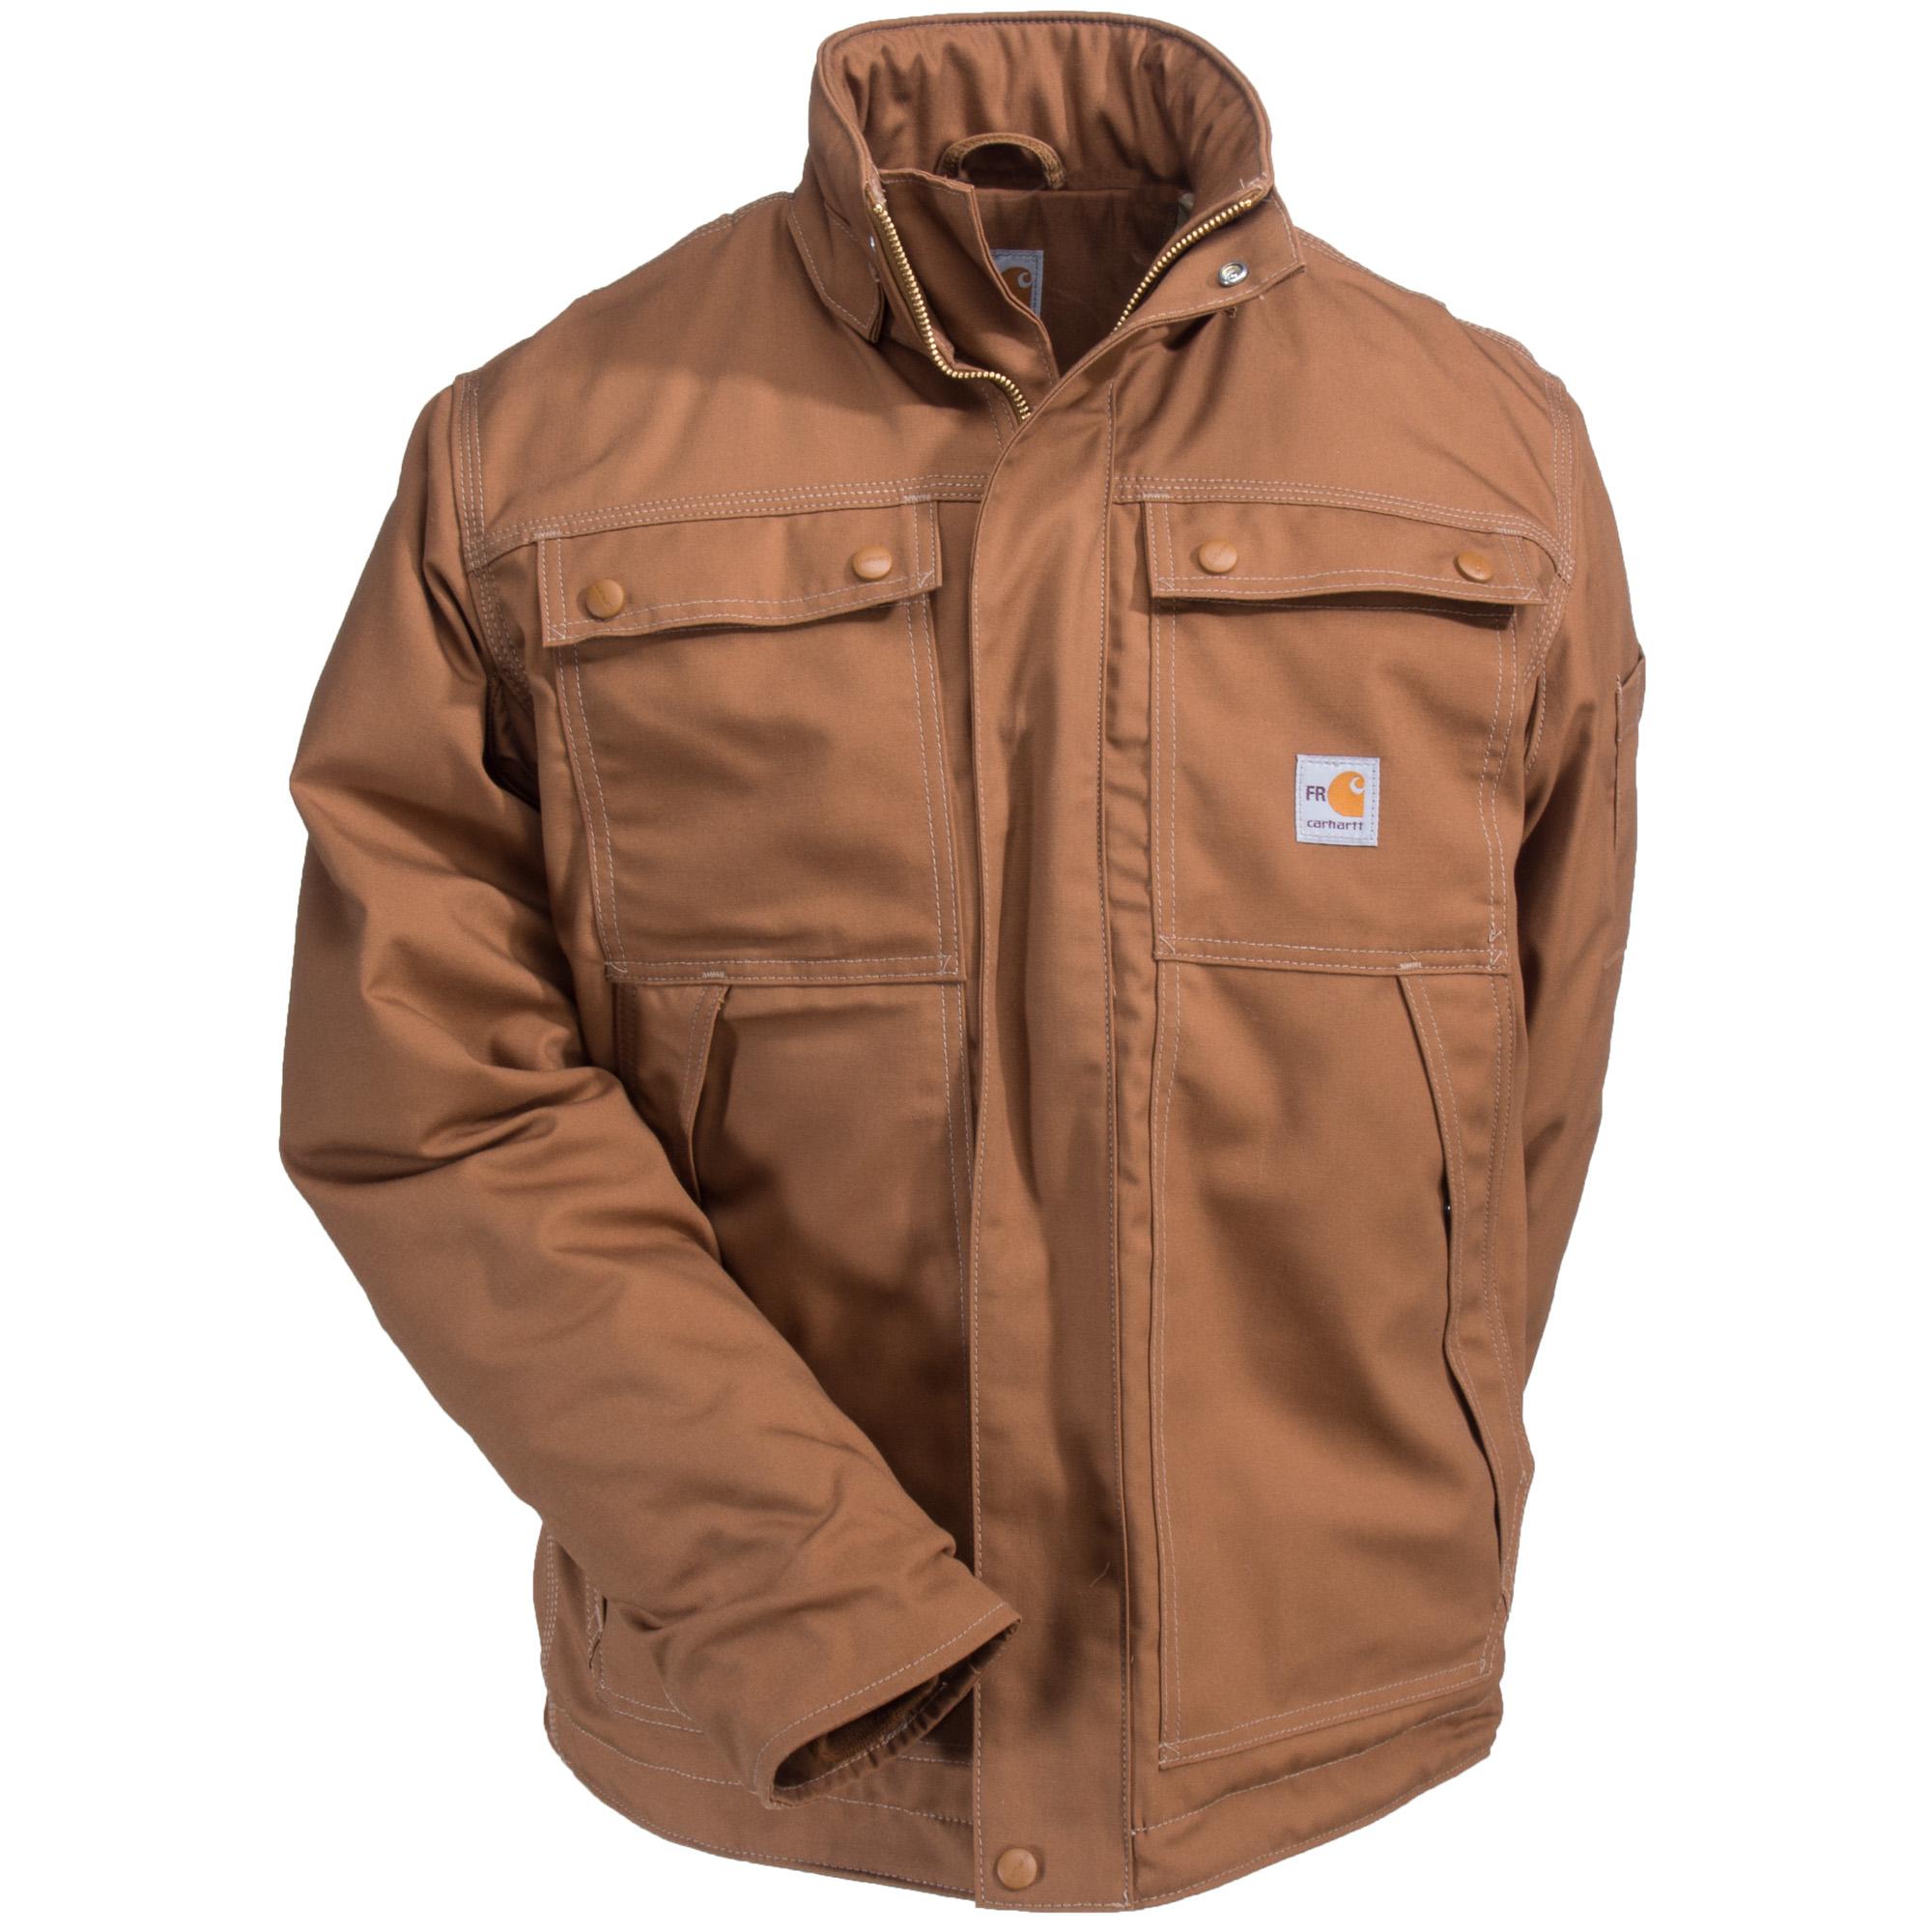 Carhartt Coats Men S Brown 102182 211 Fr Full Swing Quick Duck Coat In 2021 Carhartt Coats Mens Outfits Carhartt [ 2000 x 2000 Pixel ]